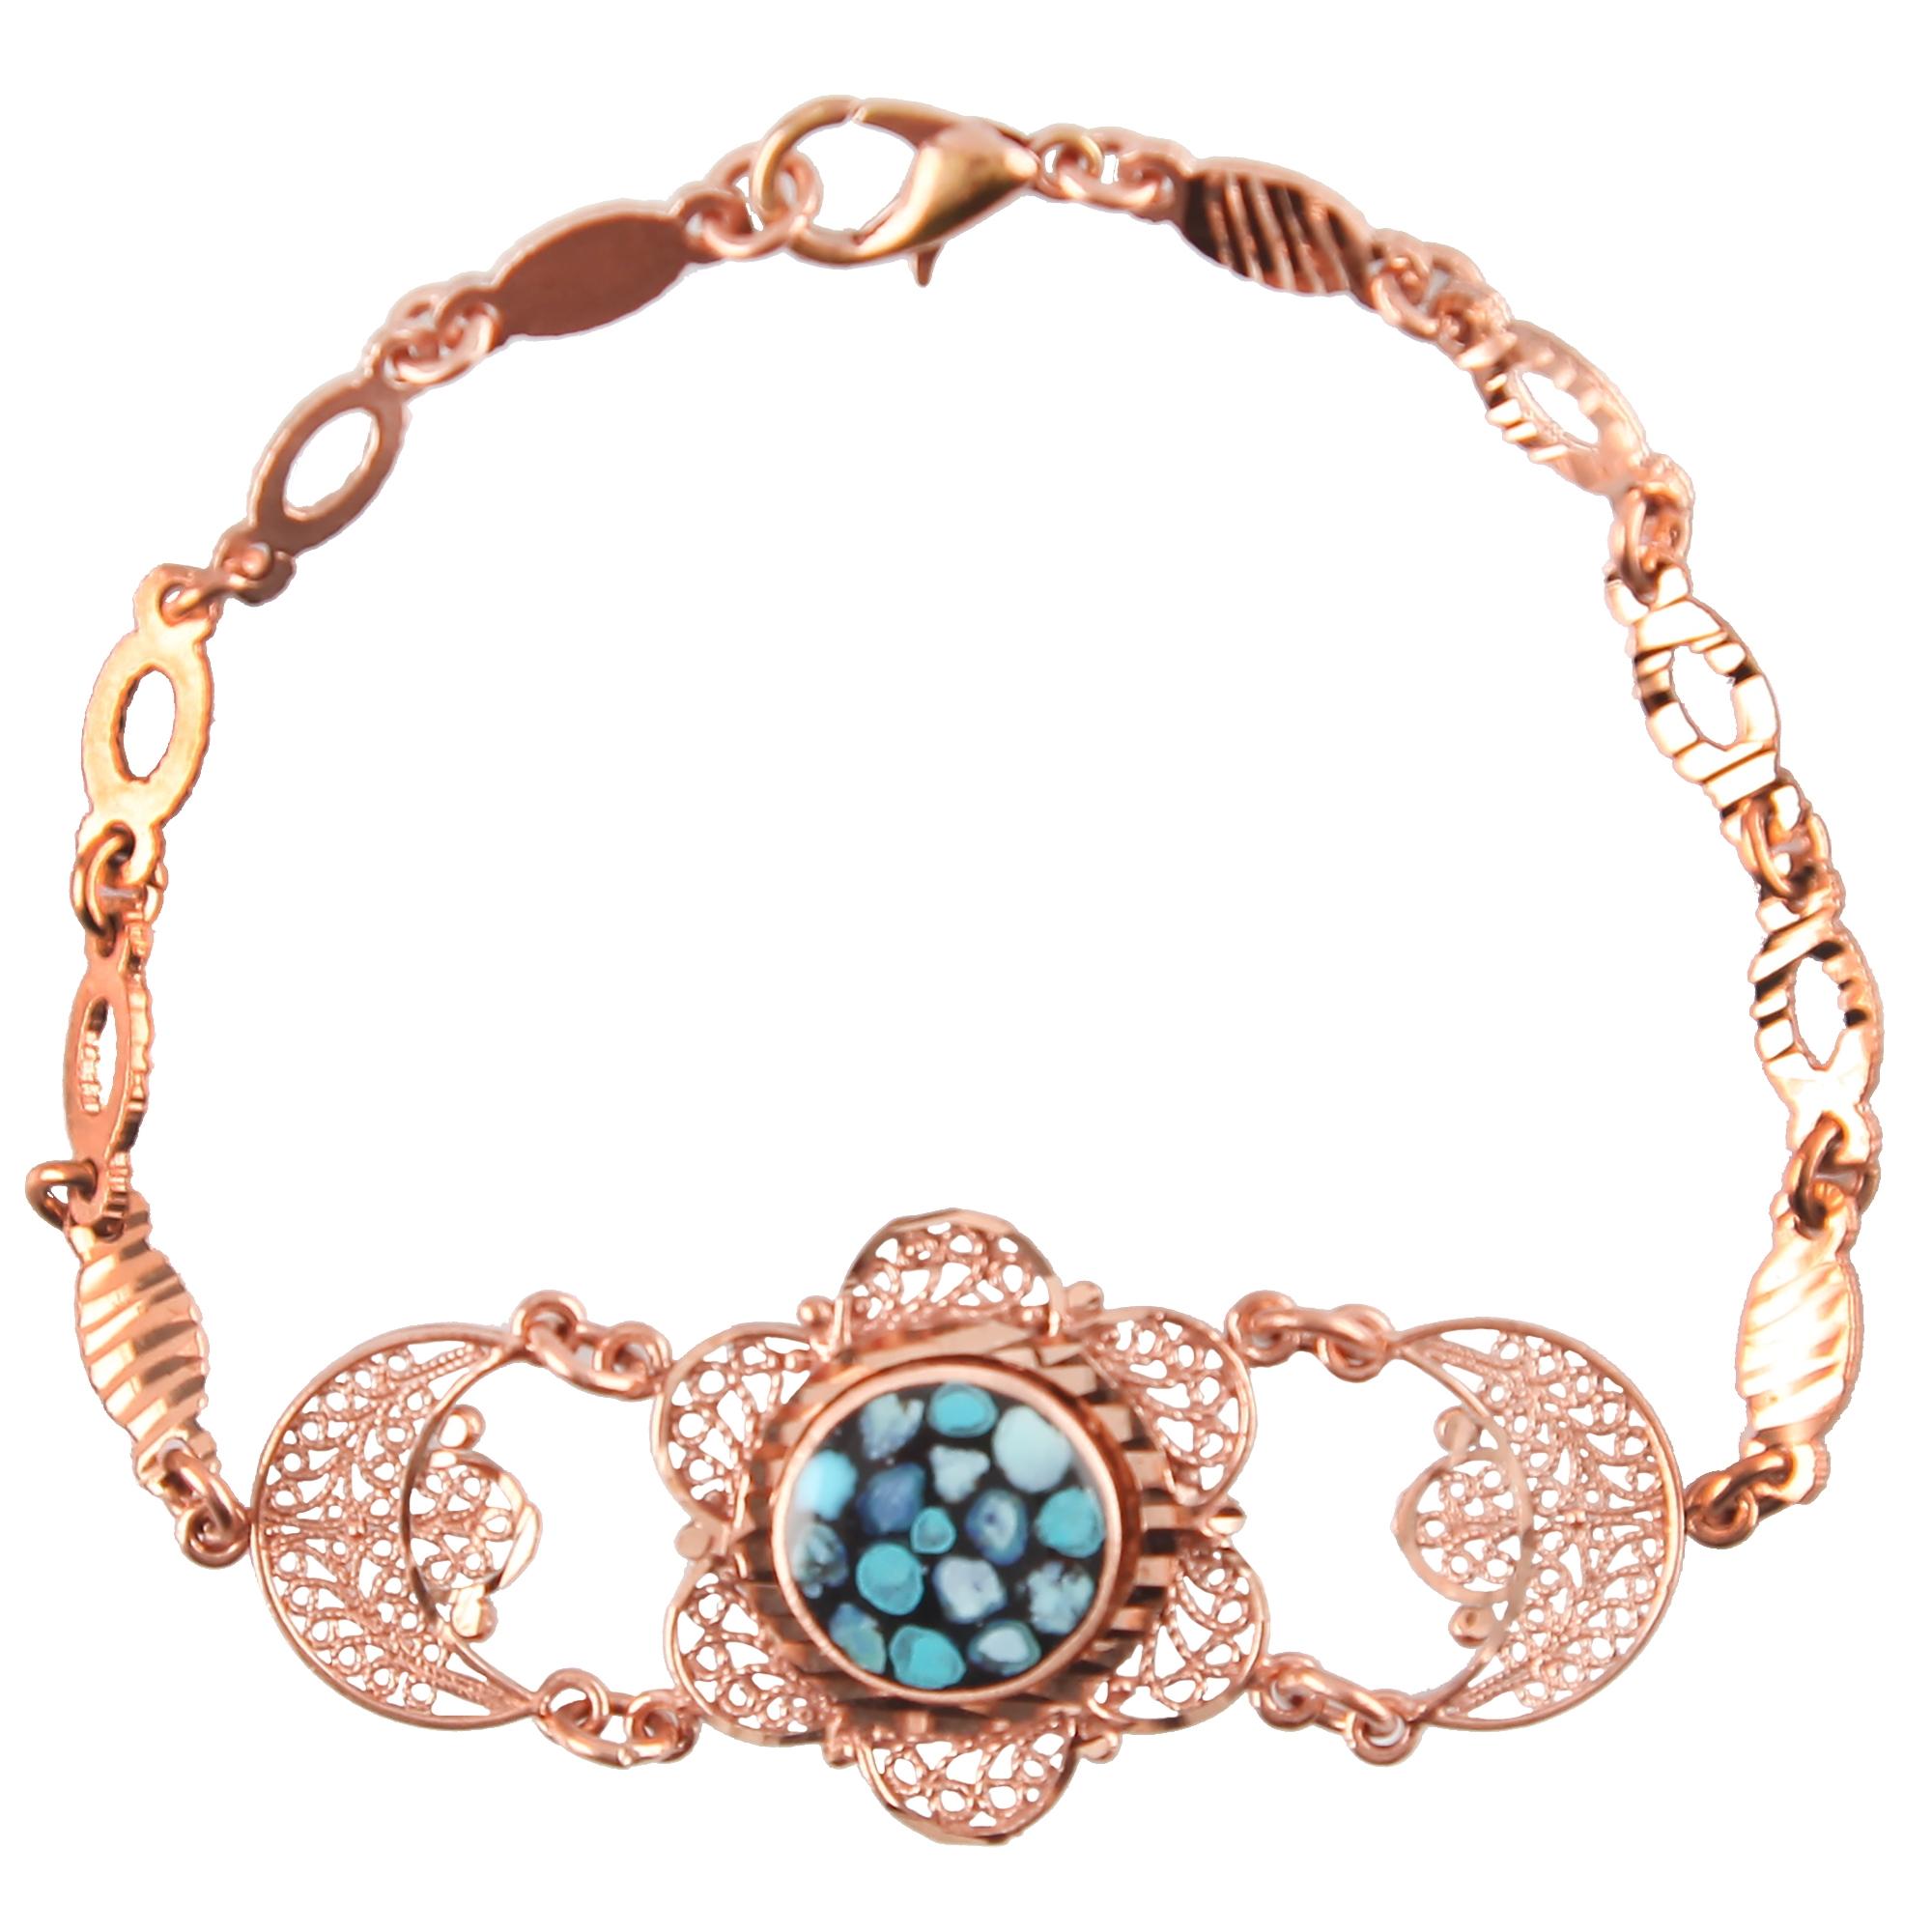 دستبند مسی گالری مثالین کد 149168